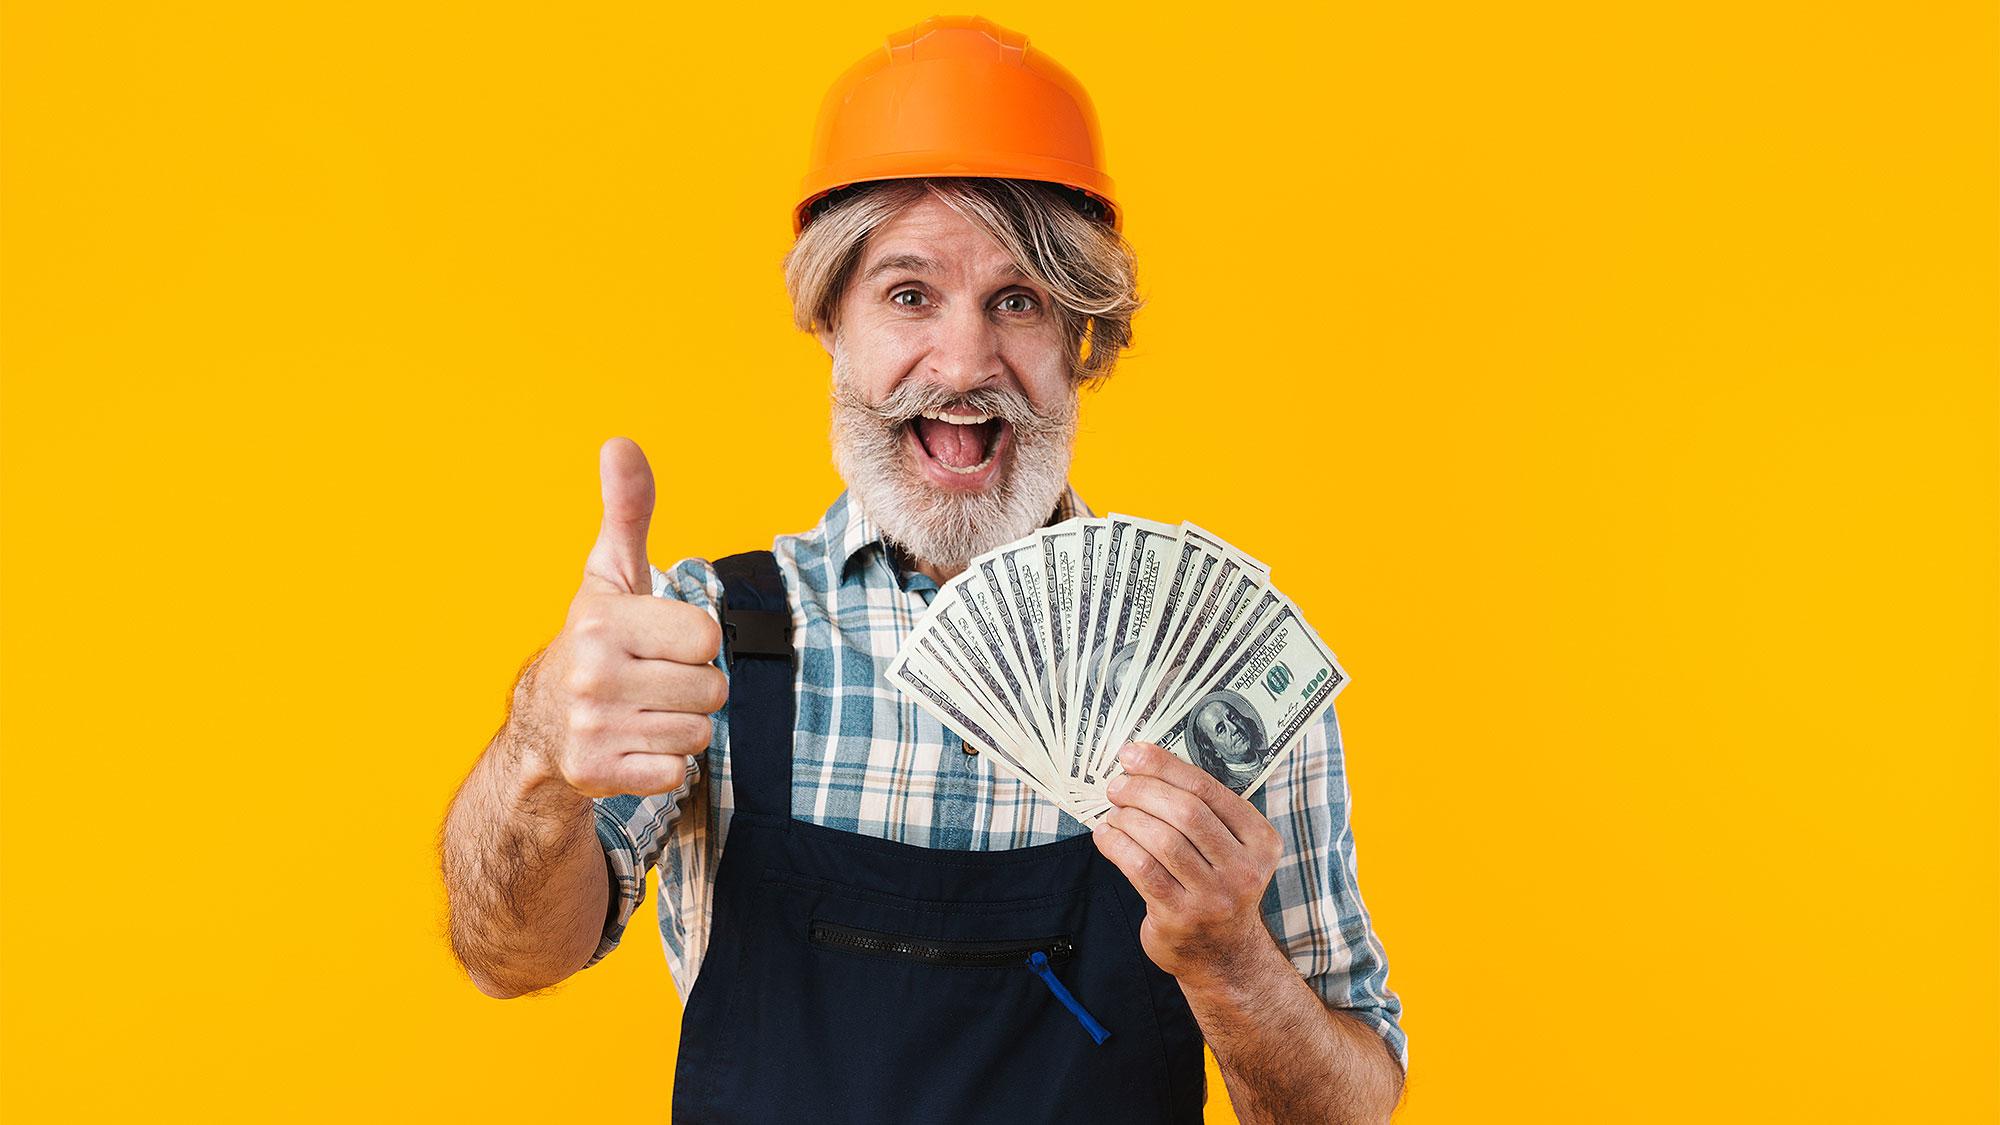 Личный блог и нефтяной бизнес: в каких профессиях мужские знаки зодиака обретут финансовое благополучие